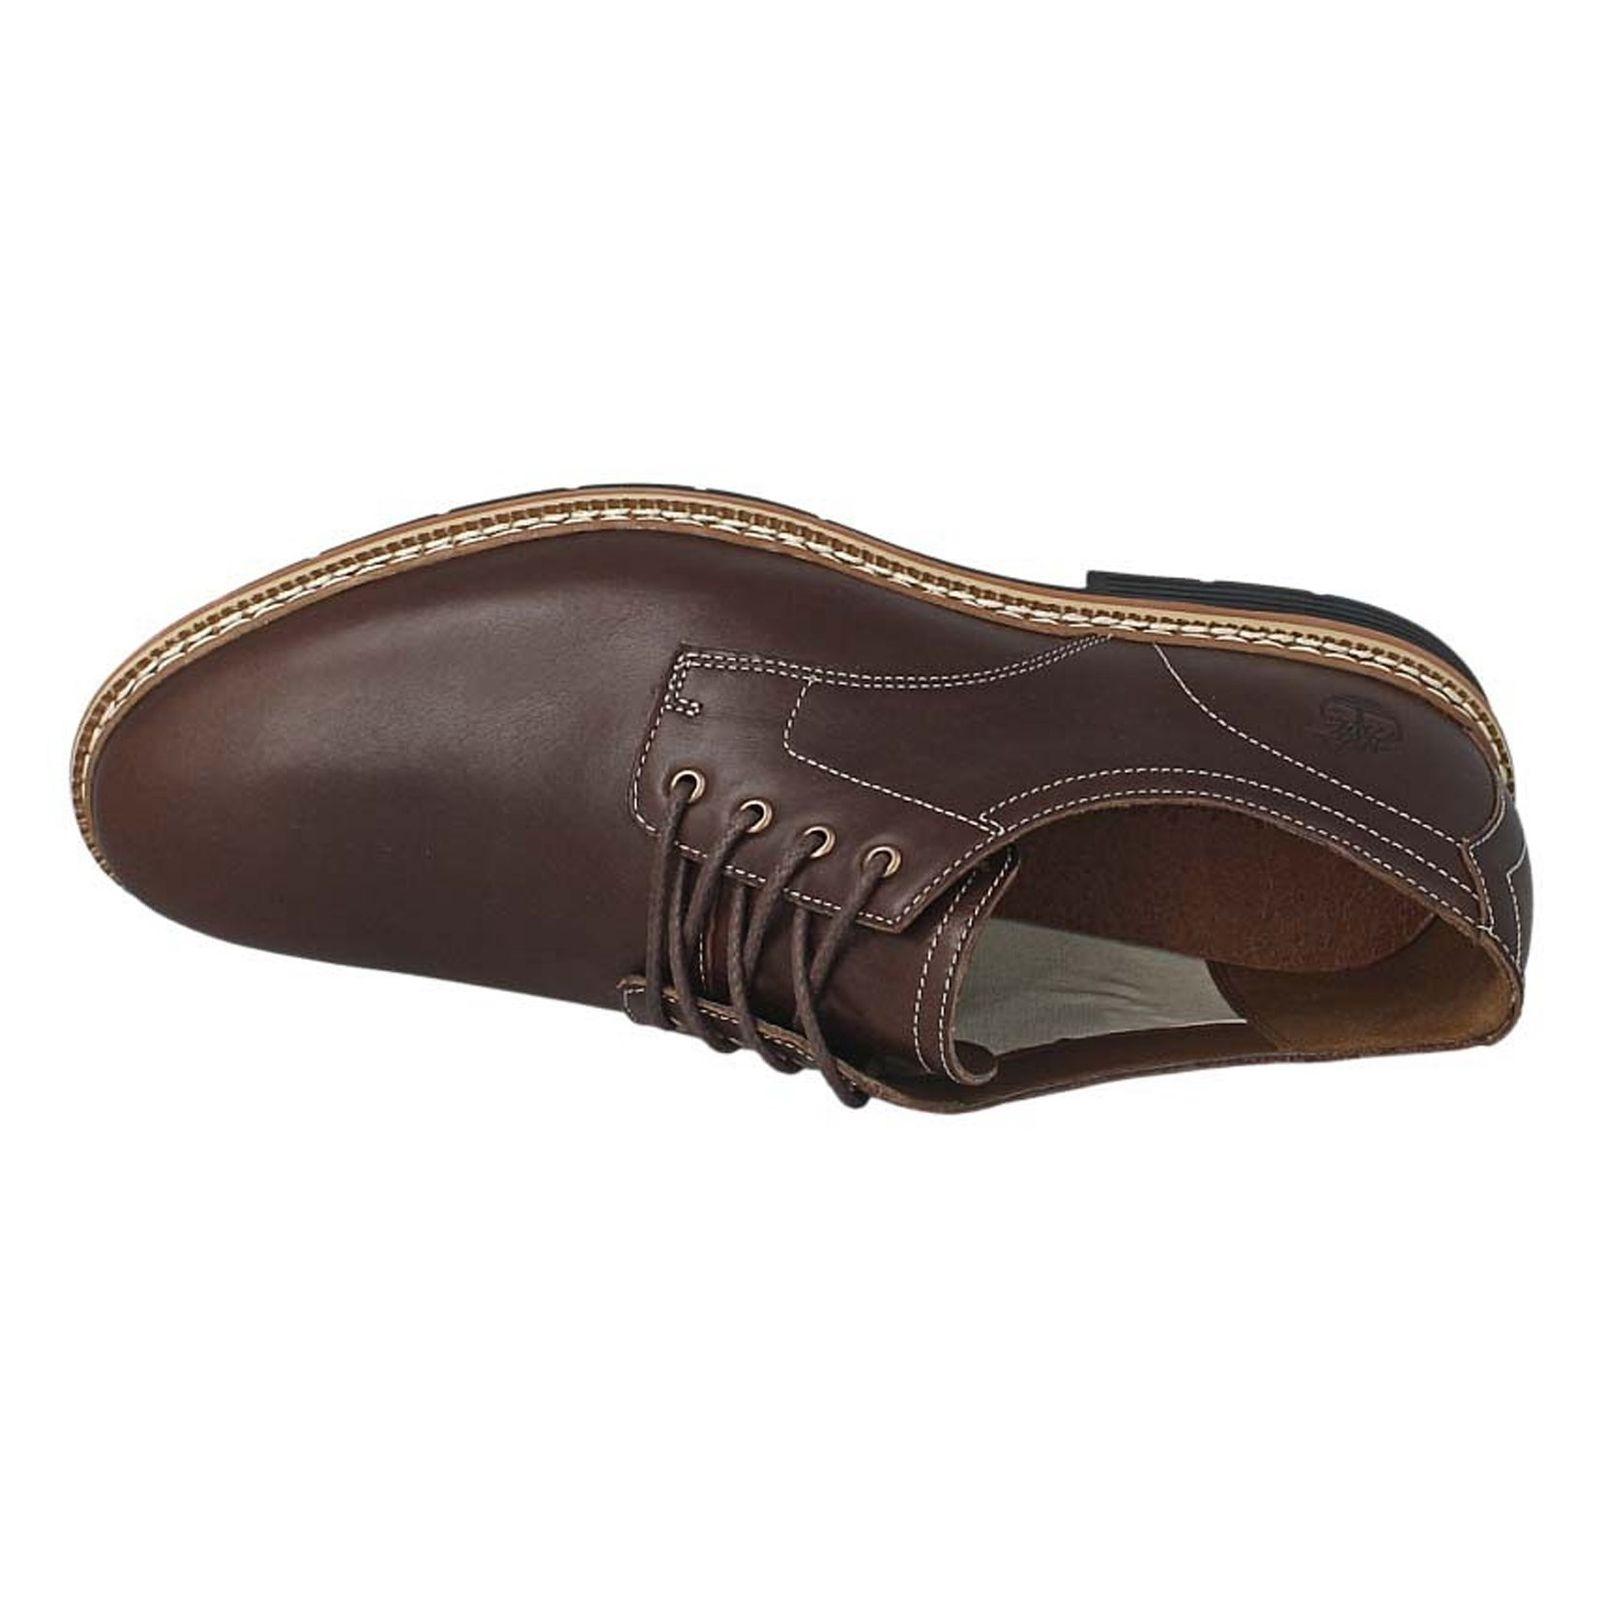 کفش اداری چرم مردانه - تیمبرلند - قهوه اي - 2